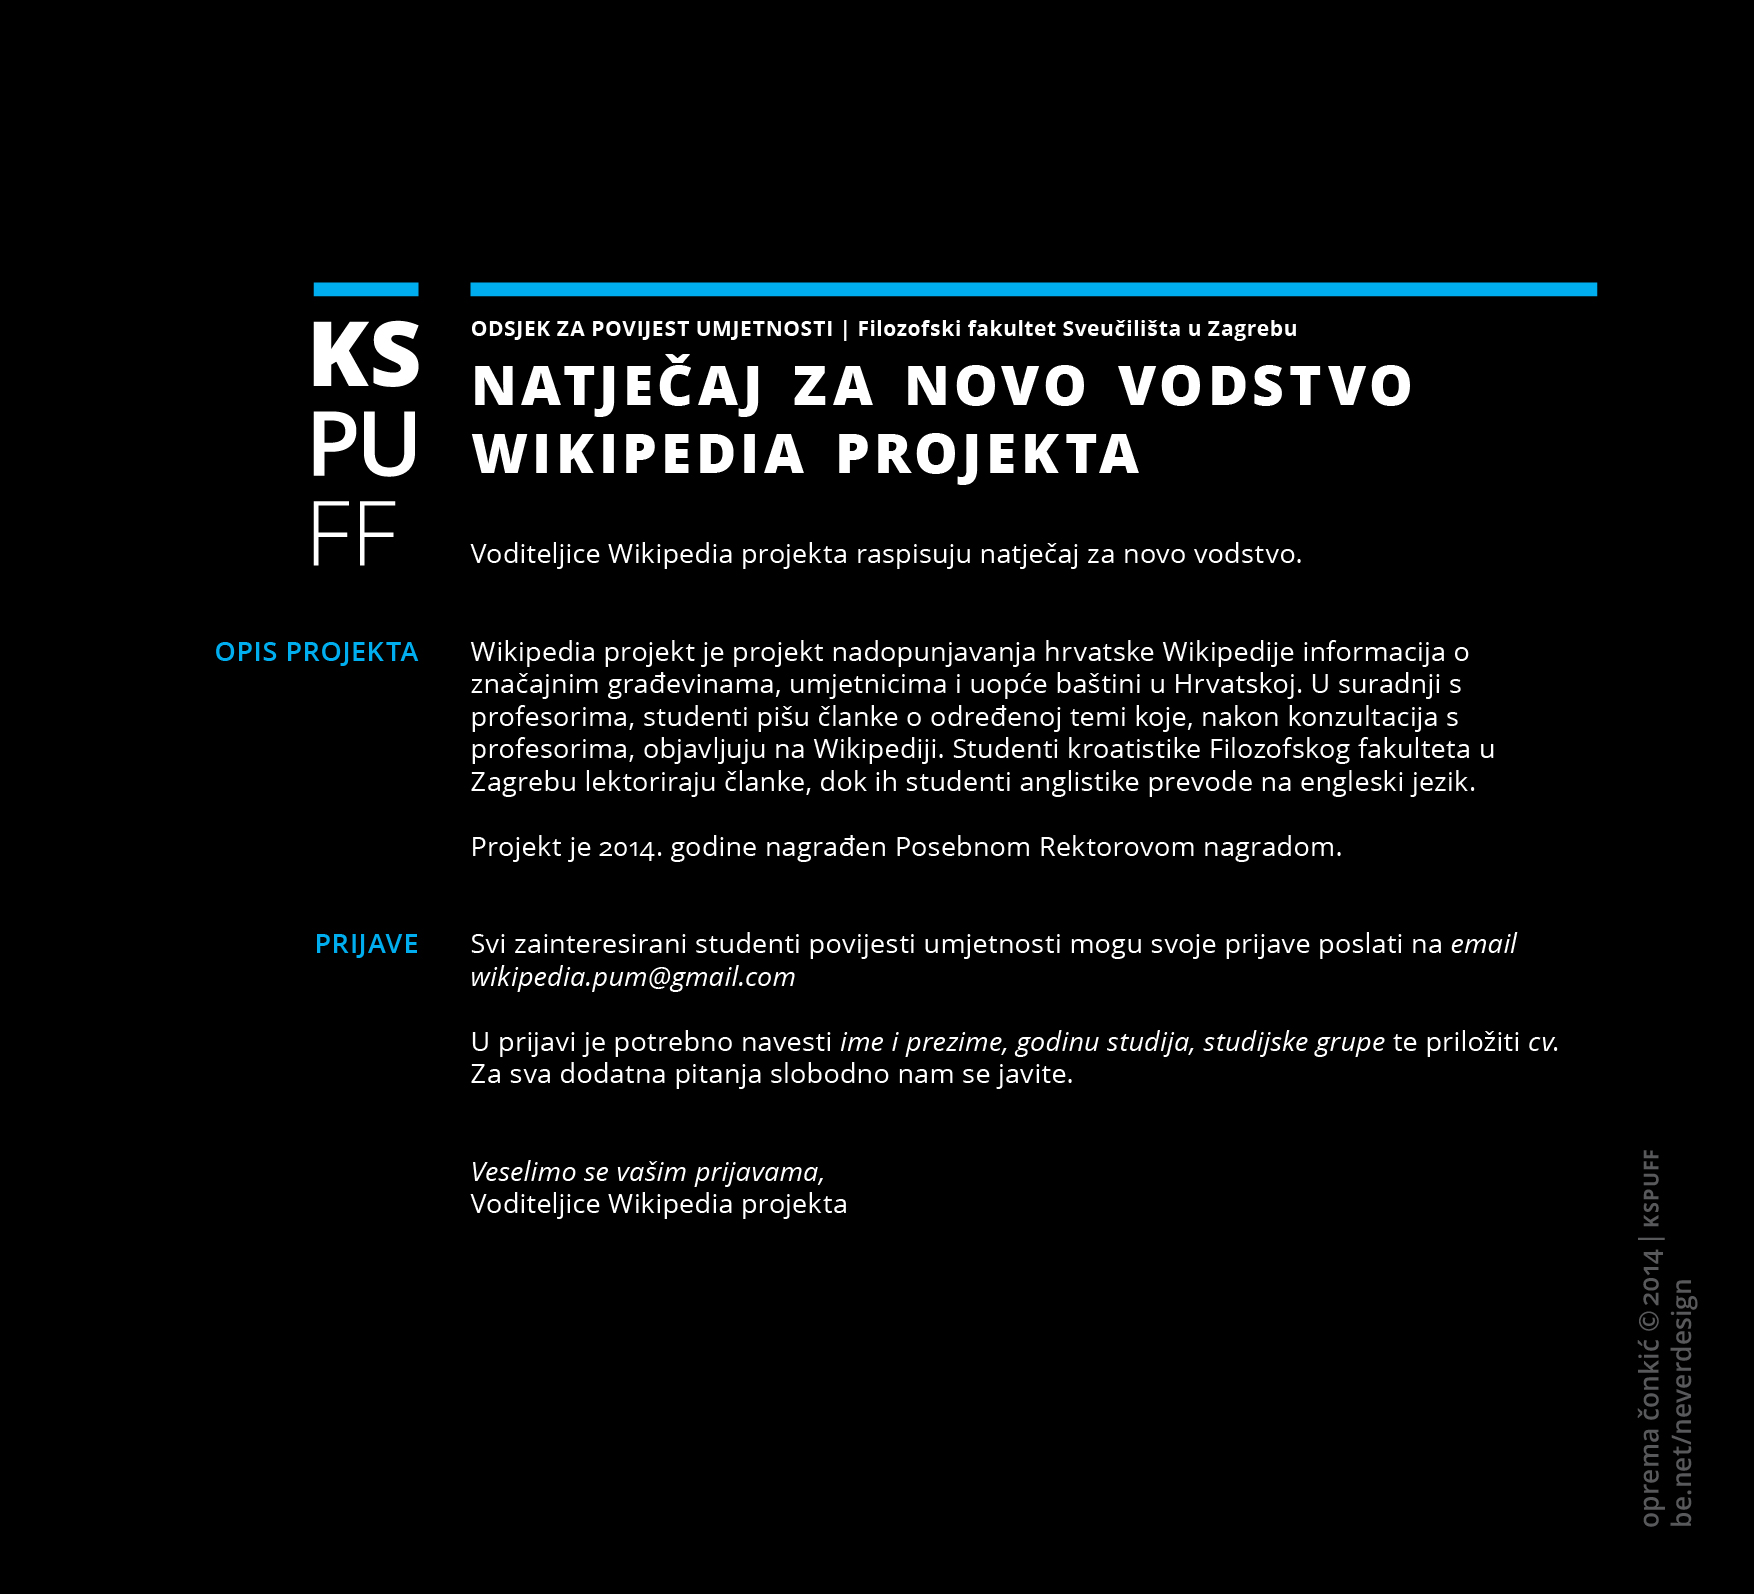 kspuff.fB.wikipedia.elections.20141201.teo